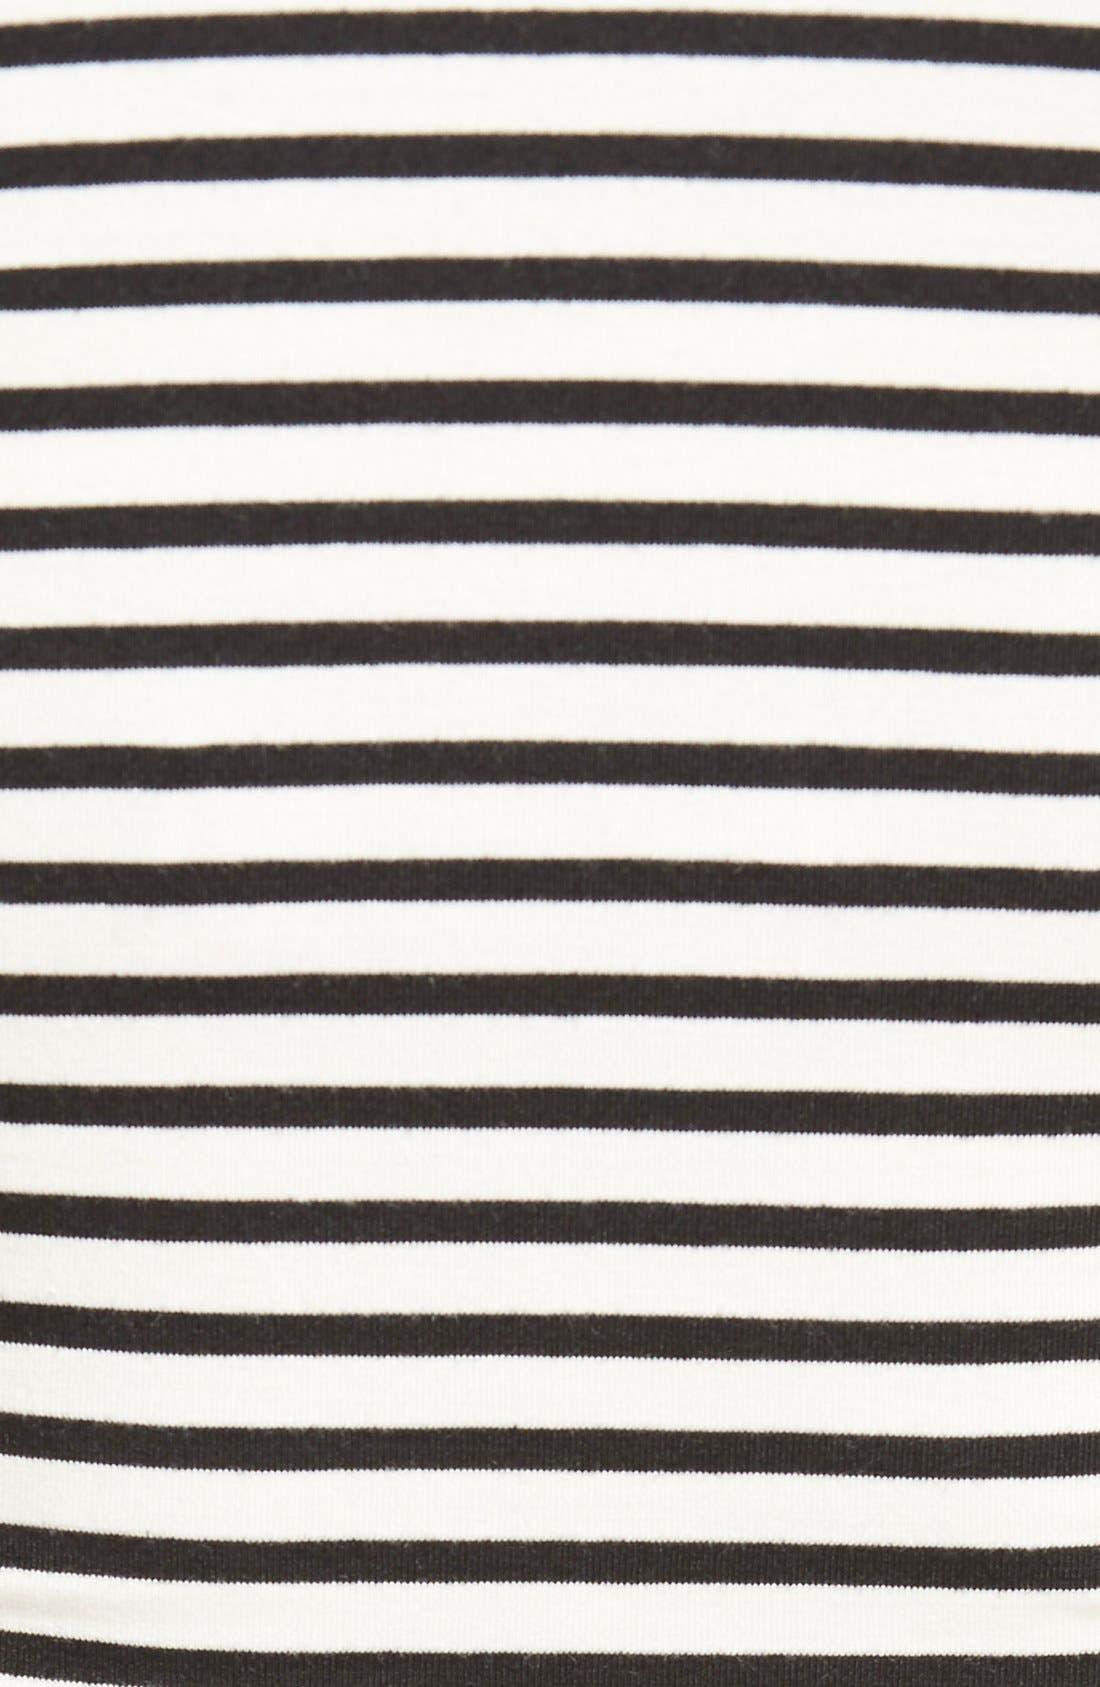 'Toni' Stripe Maternity/Nursing Top,                             Alternate thumbnail 5, color,                             BLACK STRIPE W/ CREAM